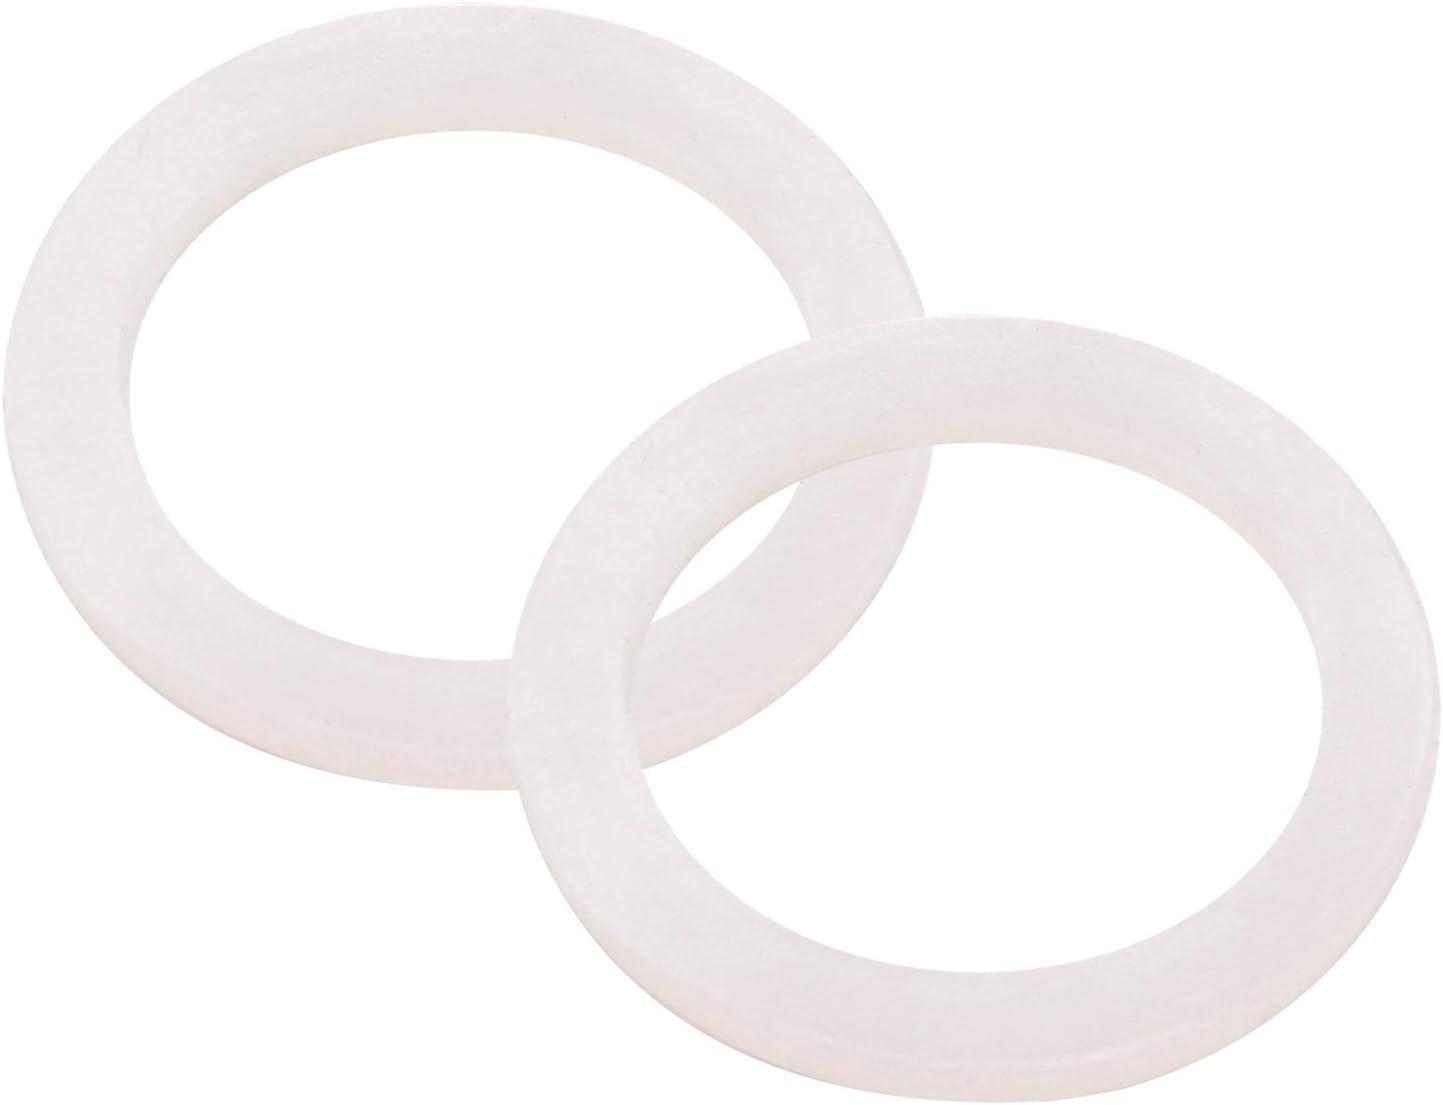 DERNORD Silicone Washer Gasket Sealing O Rings Inner Diameter: 38mm / 1.5